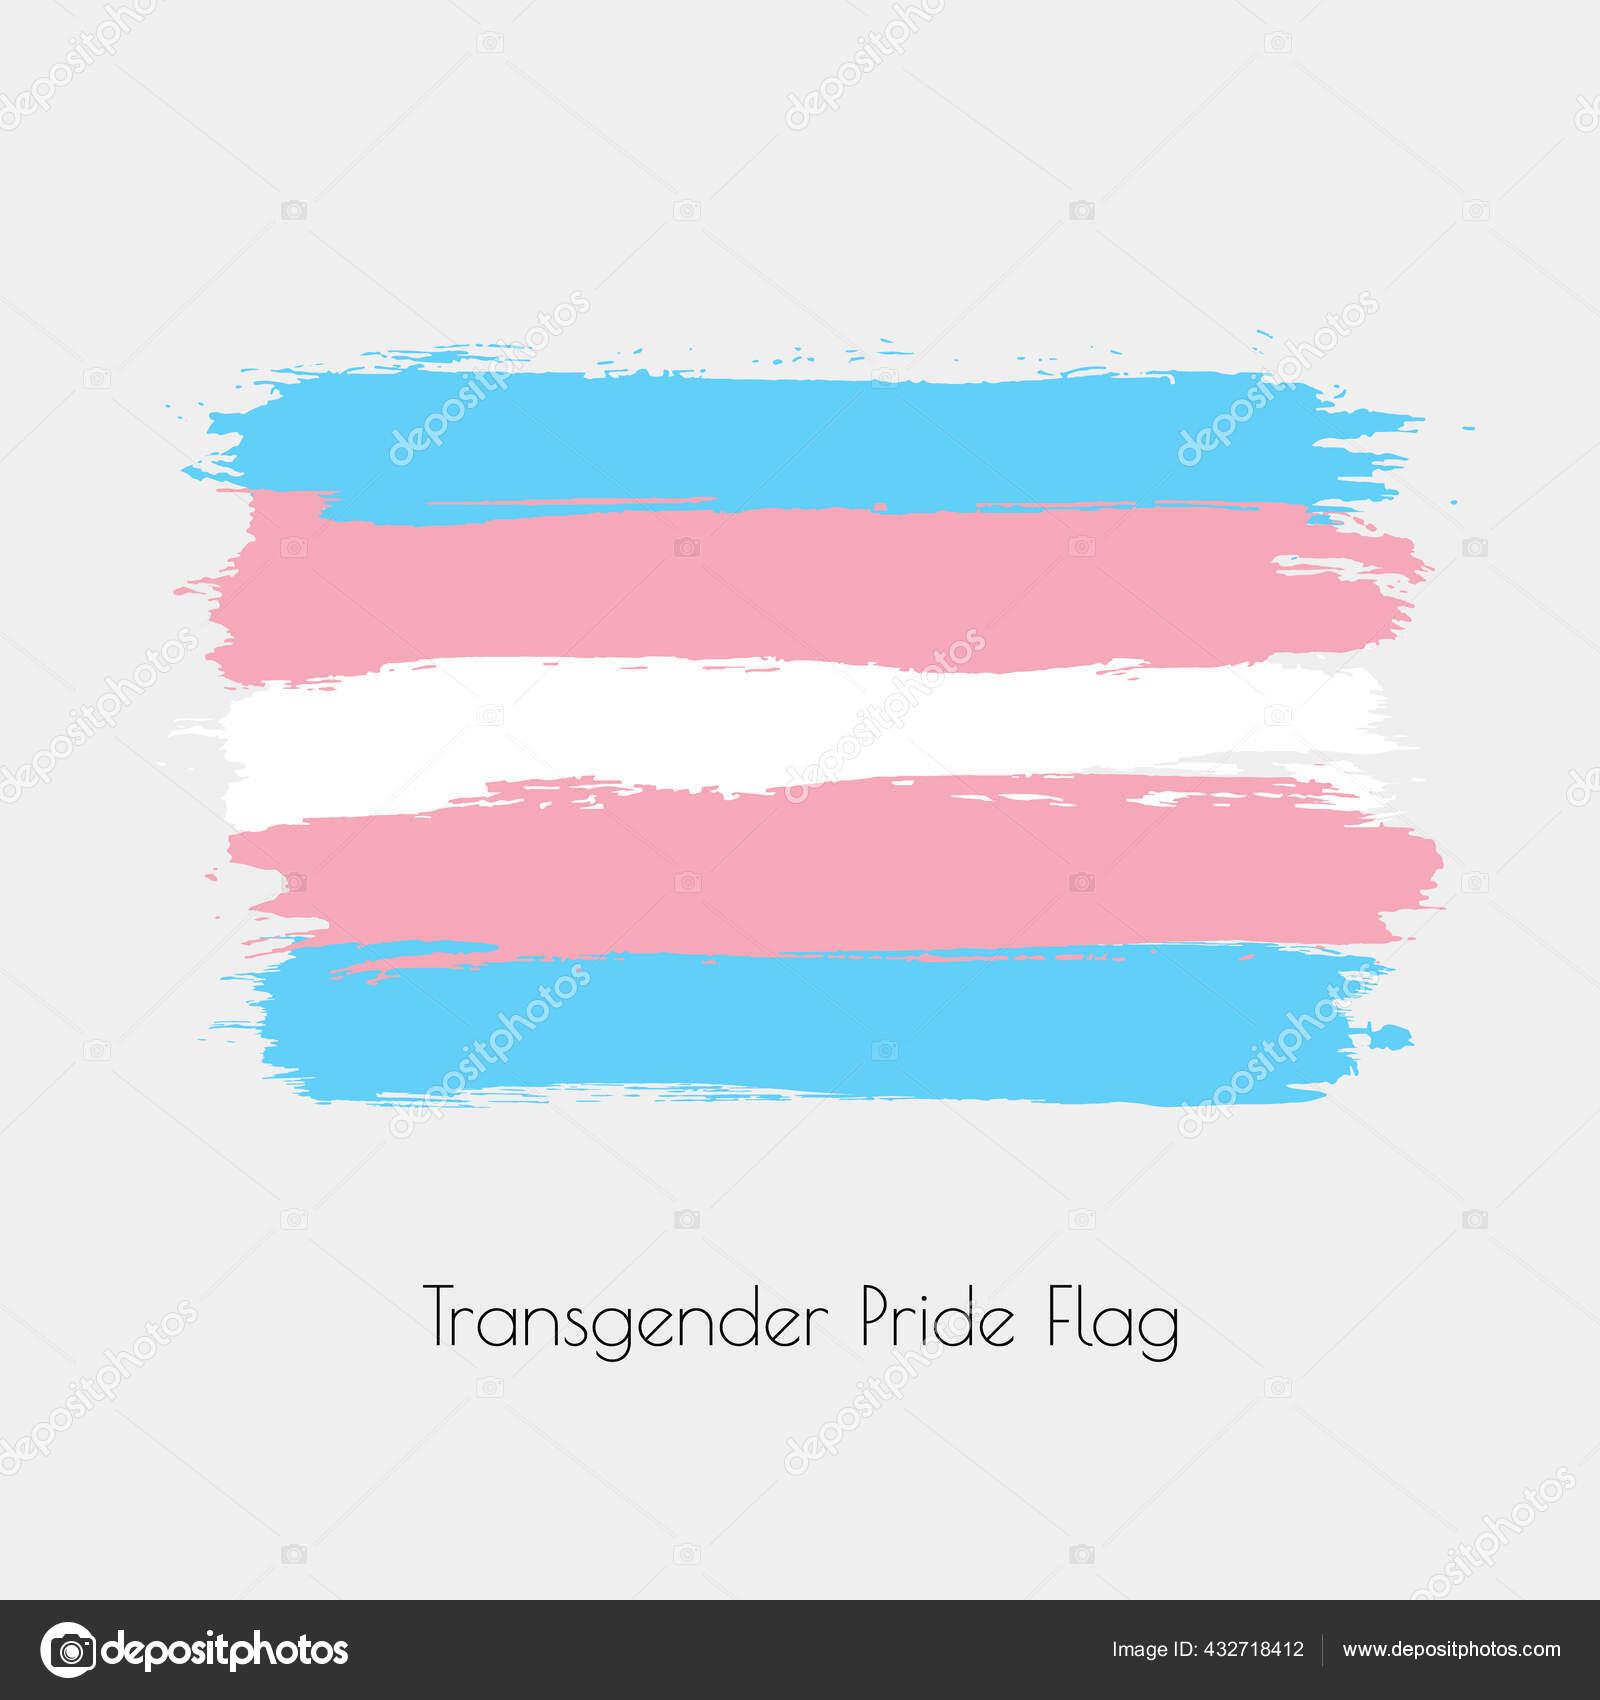 Bandera de Trans única de Clip de Corbata la igualdad de género identidad LGBTQ orgulloso diapositiva de Barra de amor